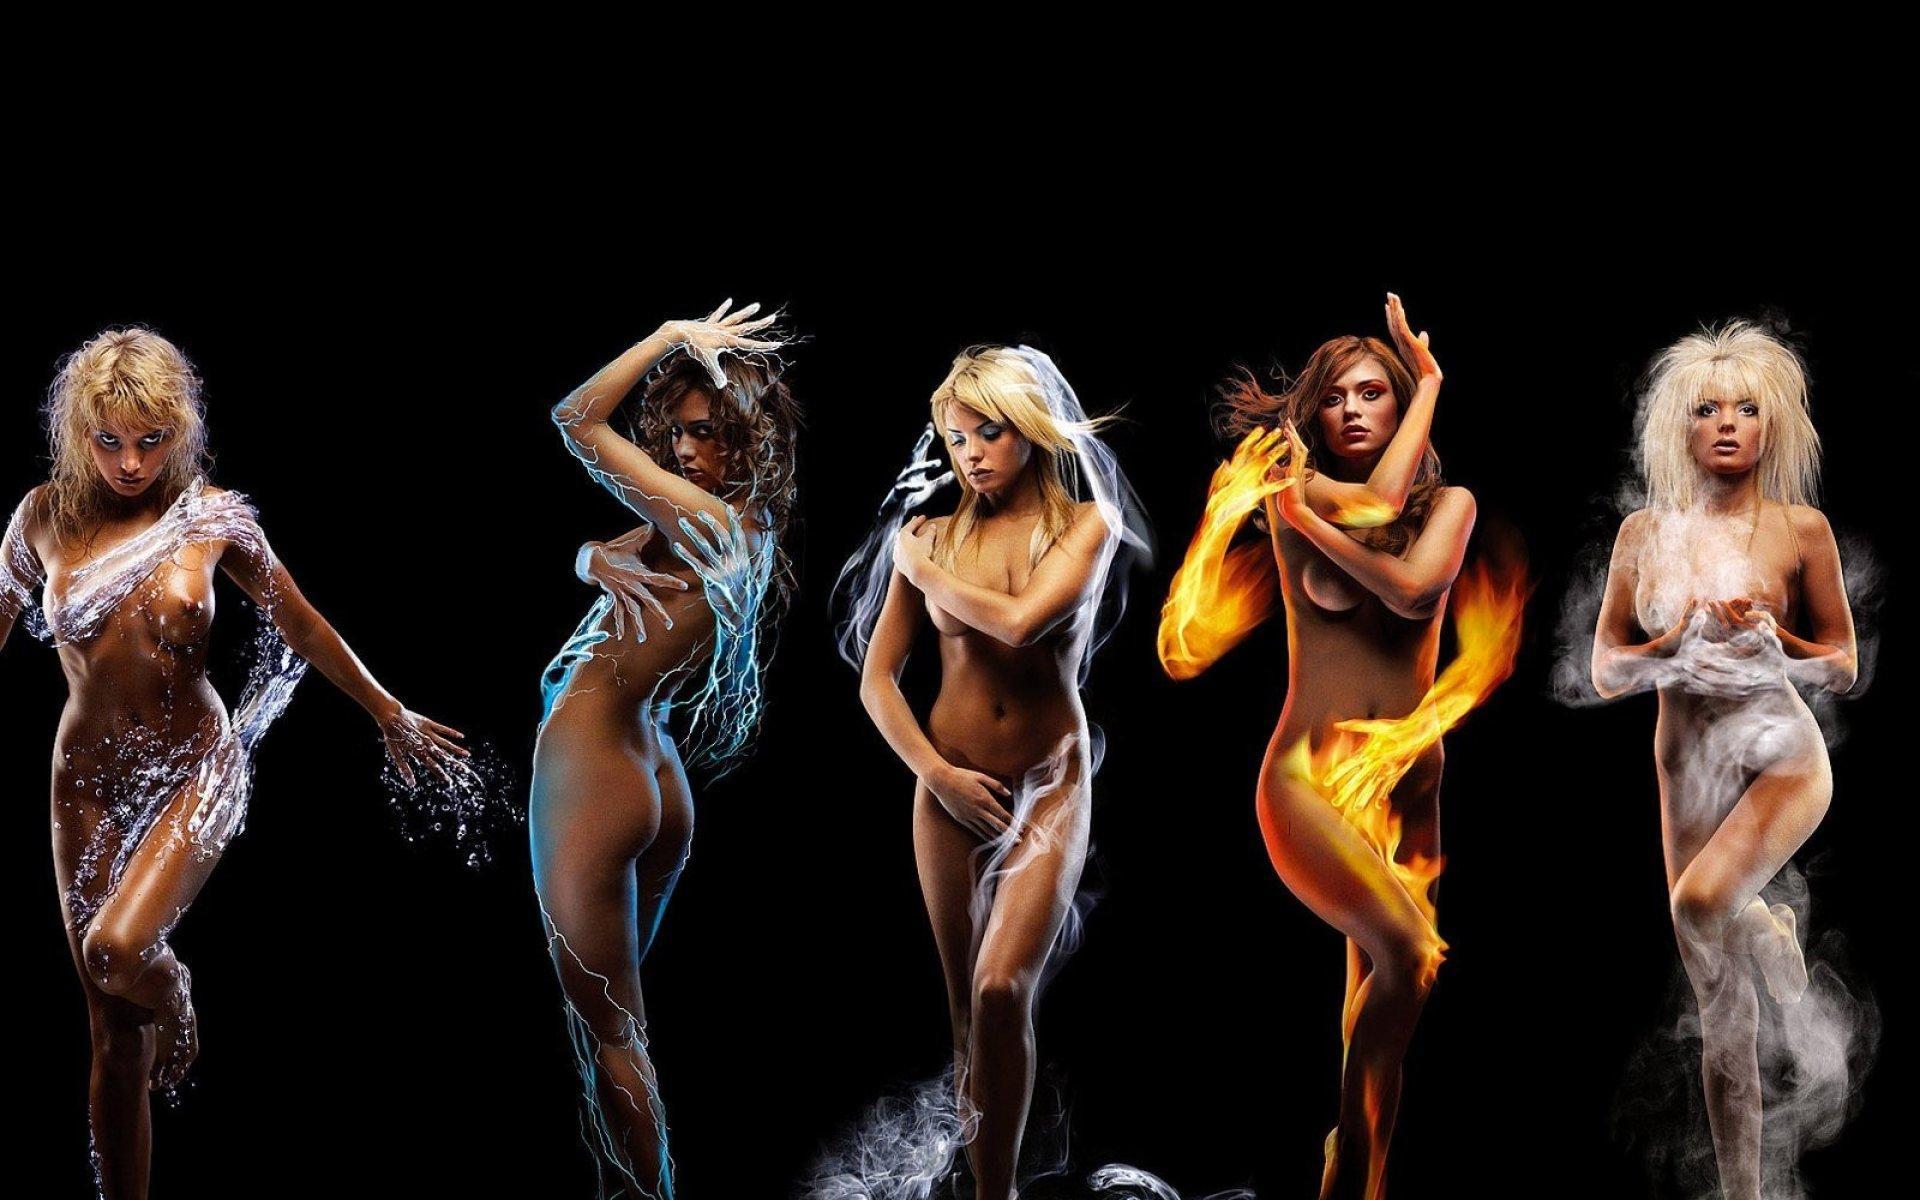 Порно звезды всего мира и порно видео с их участием.